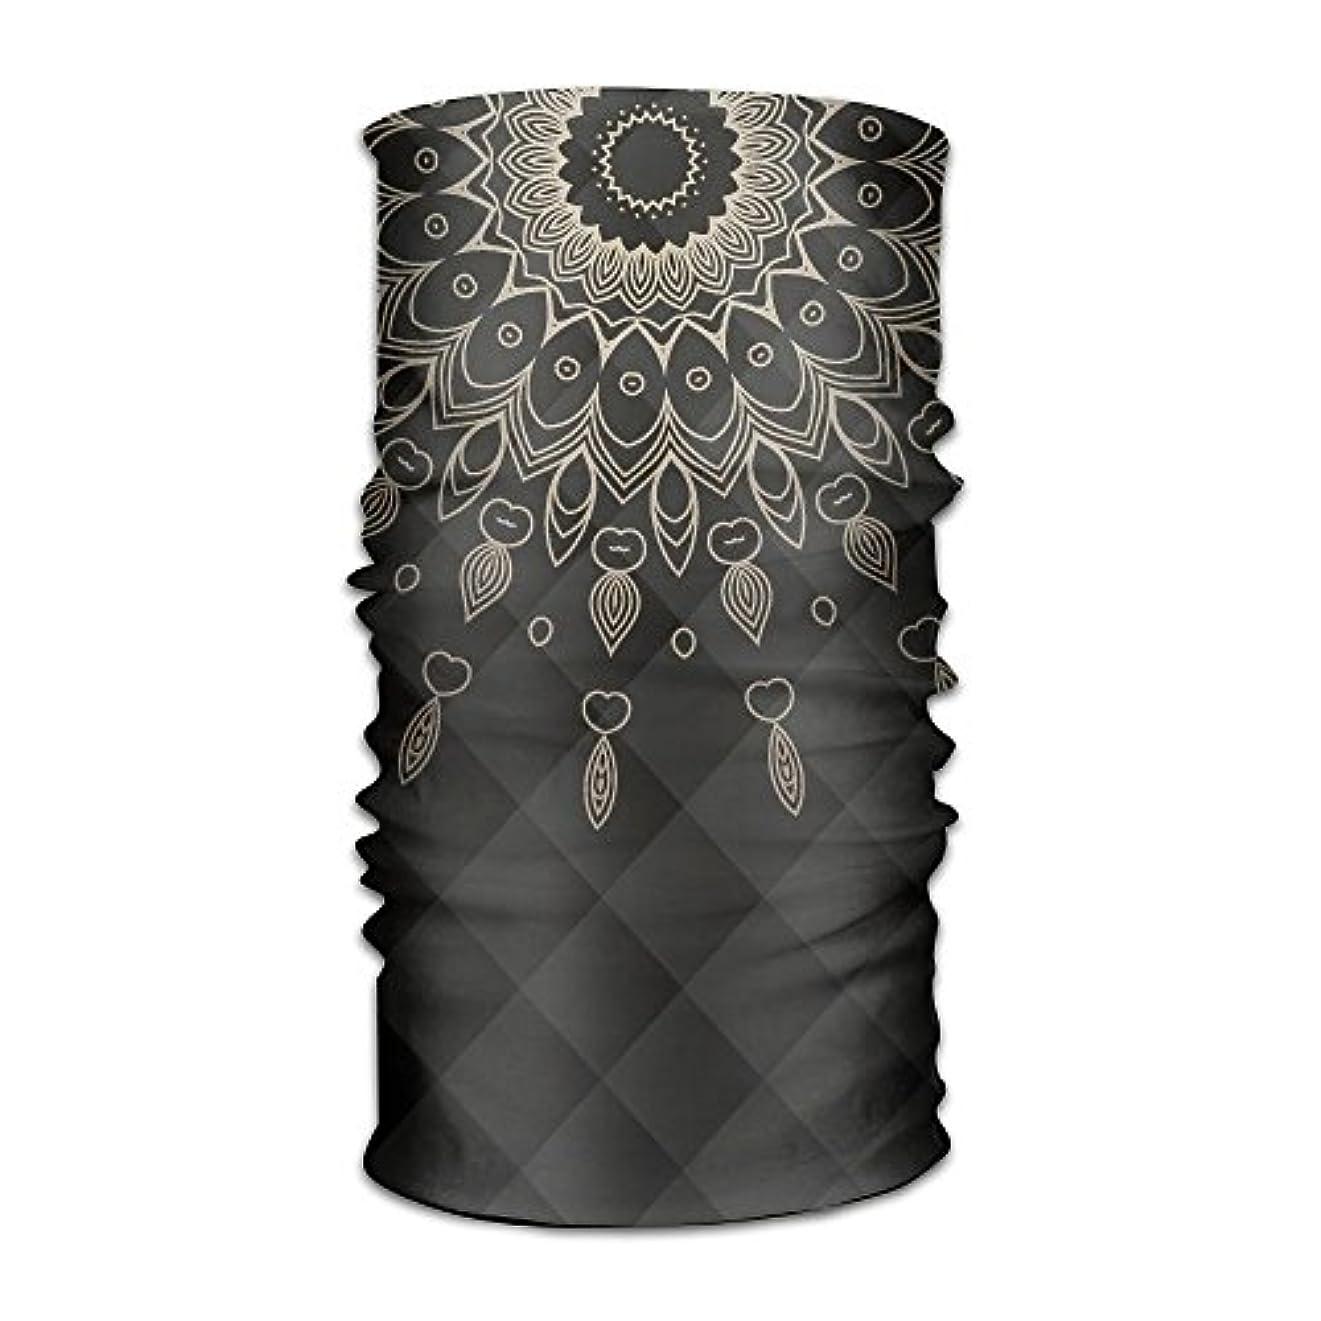 クローンスカートアルカイックF-CRAFT 黒い背景の上に曼荼羅 16+WAY 男女兼用 バンダナ 多機能チューブ型 フェイスマスク リストバンド ネックウォーマー サイクリング アウトドア 薄手 伸縮素材 吸汗速乾